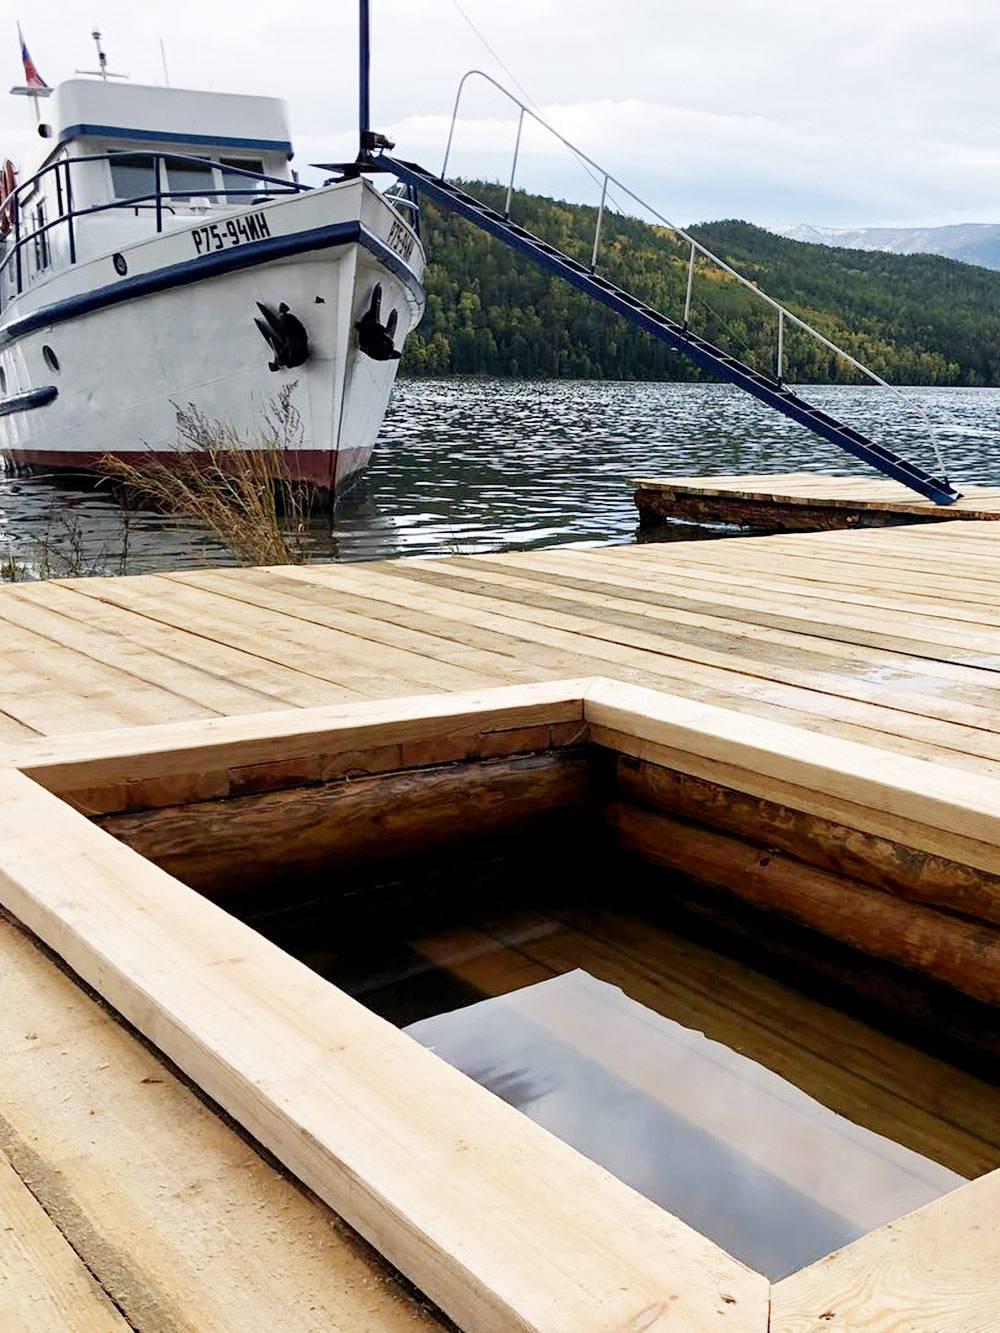 Срубы с горячей водой построили у берега. Если туристы прибывают в бухту Змеевую по воде, то окунаются сразу с катера. Фото: barguzin_tur